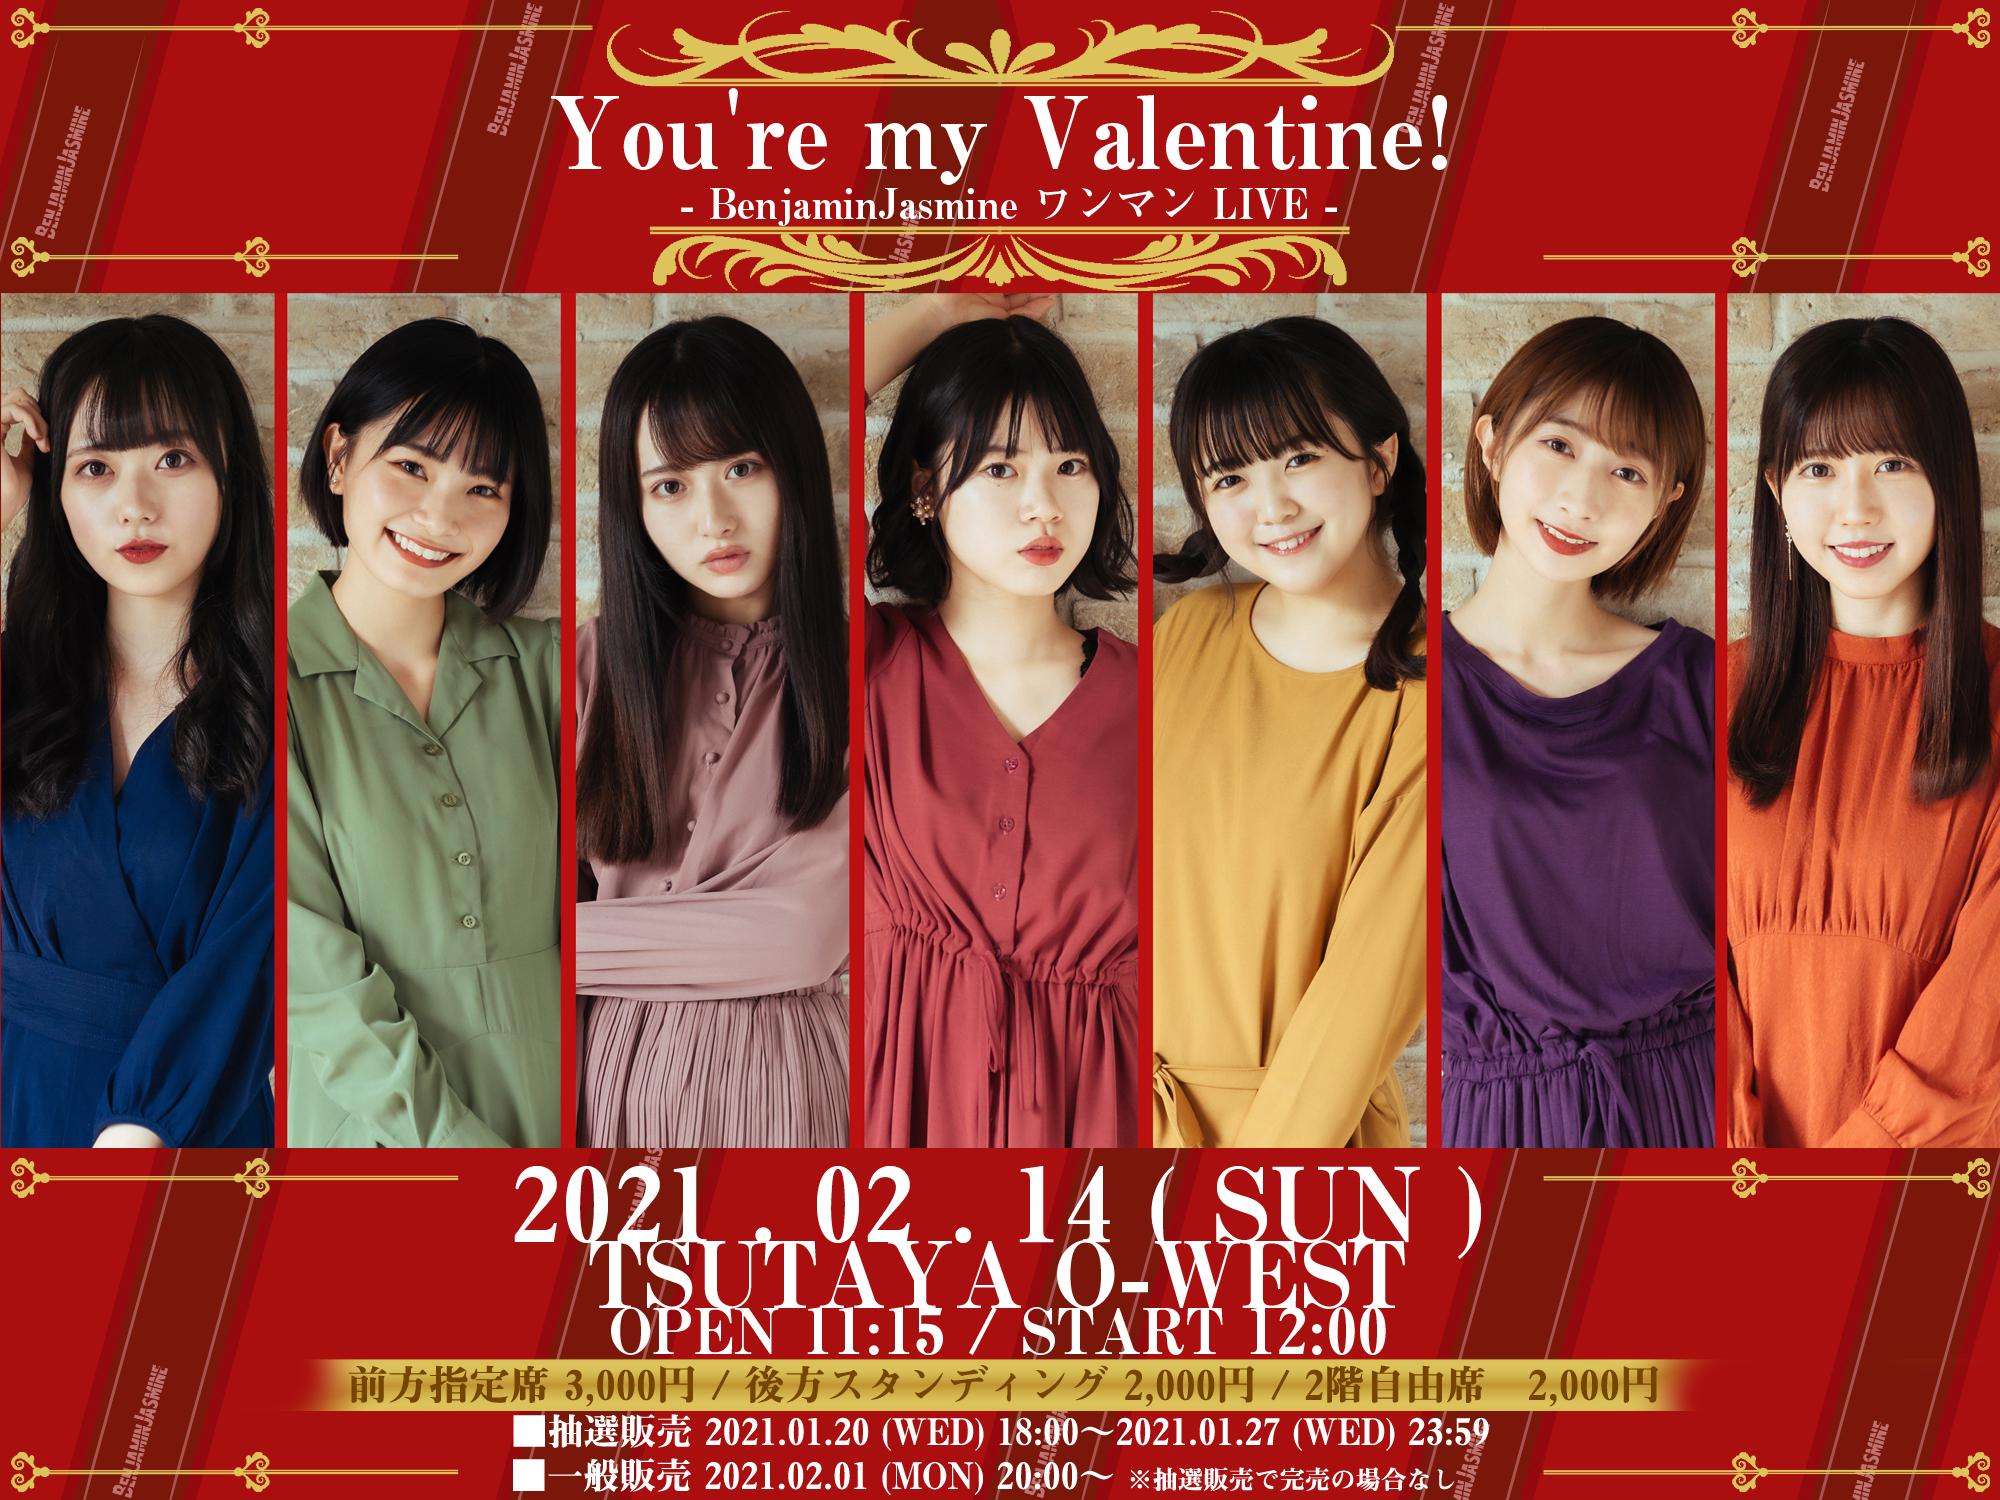 2月14日BenjaminJasmineワンマンLIVE『You're my Valentine!』